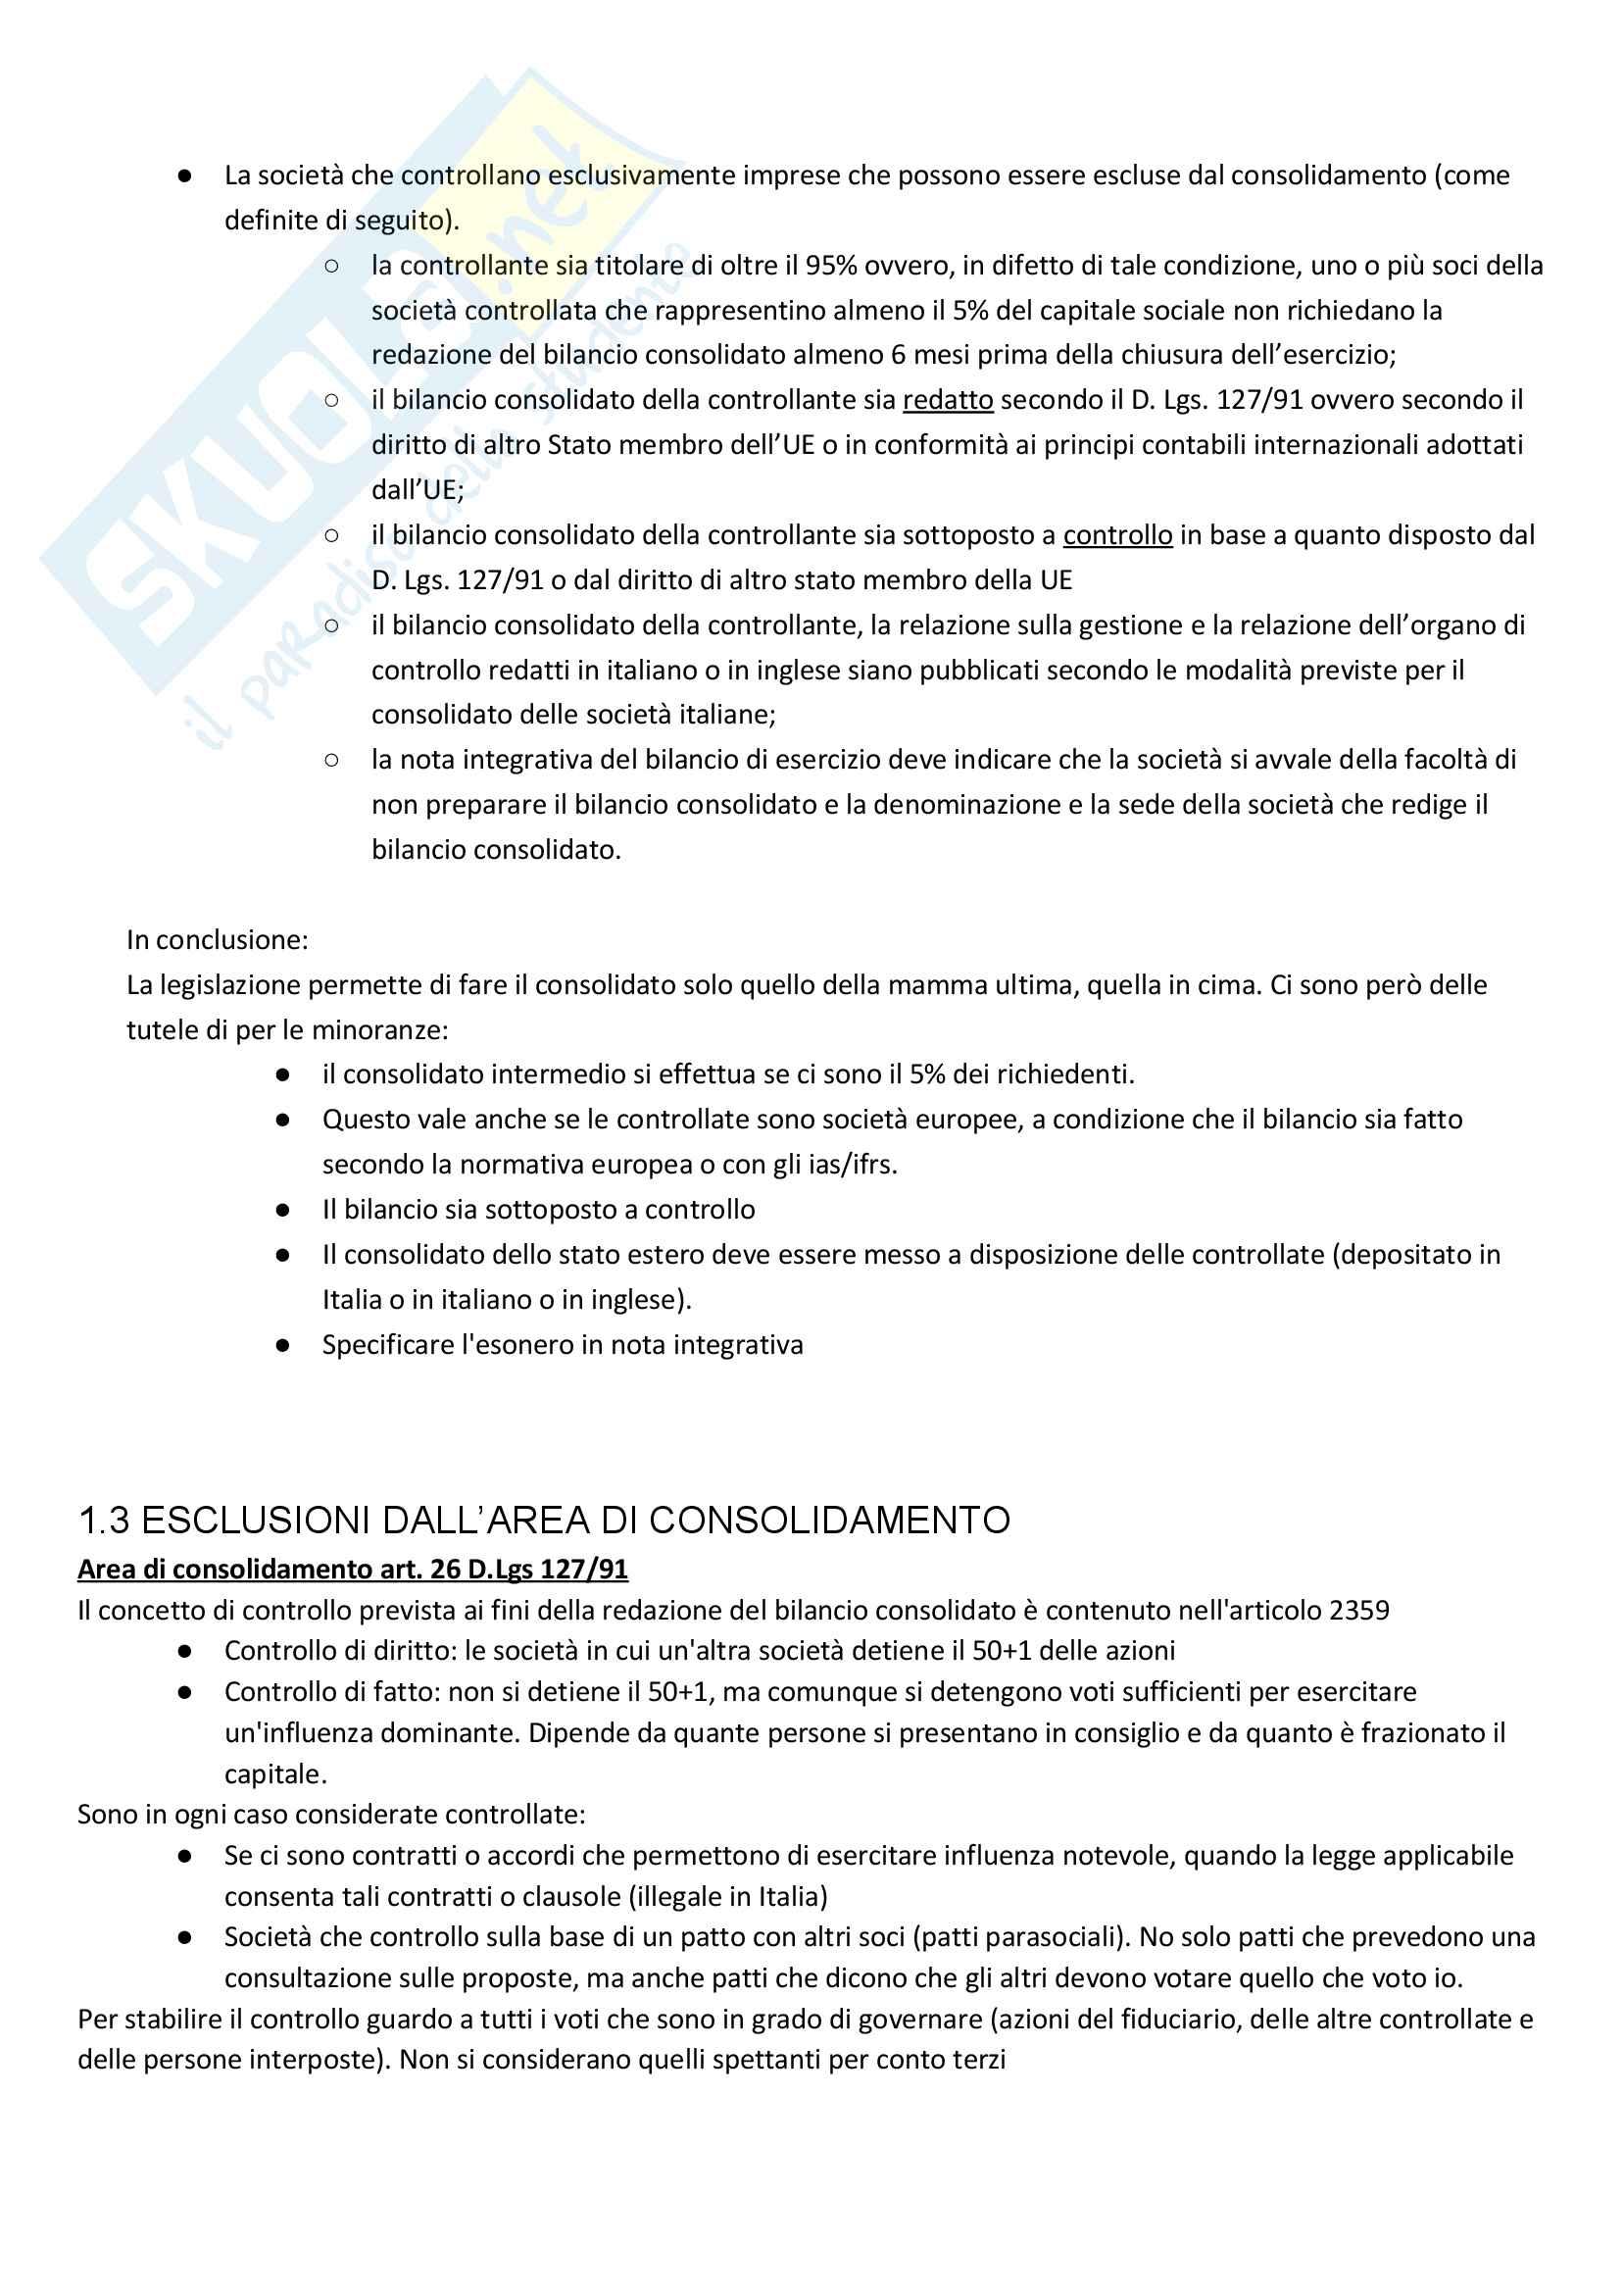 Apppunti di Metodologie 2 (bilancio consolidato e analisi di bilancio) + temi d'esame svolti Pag. 2